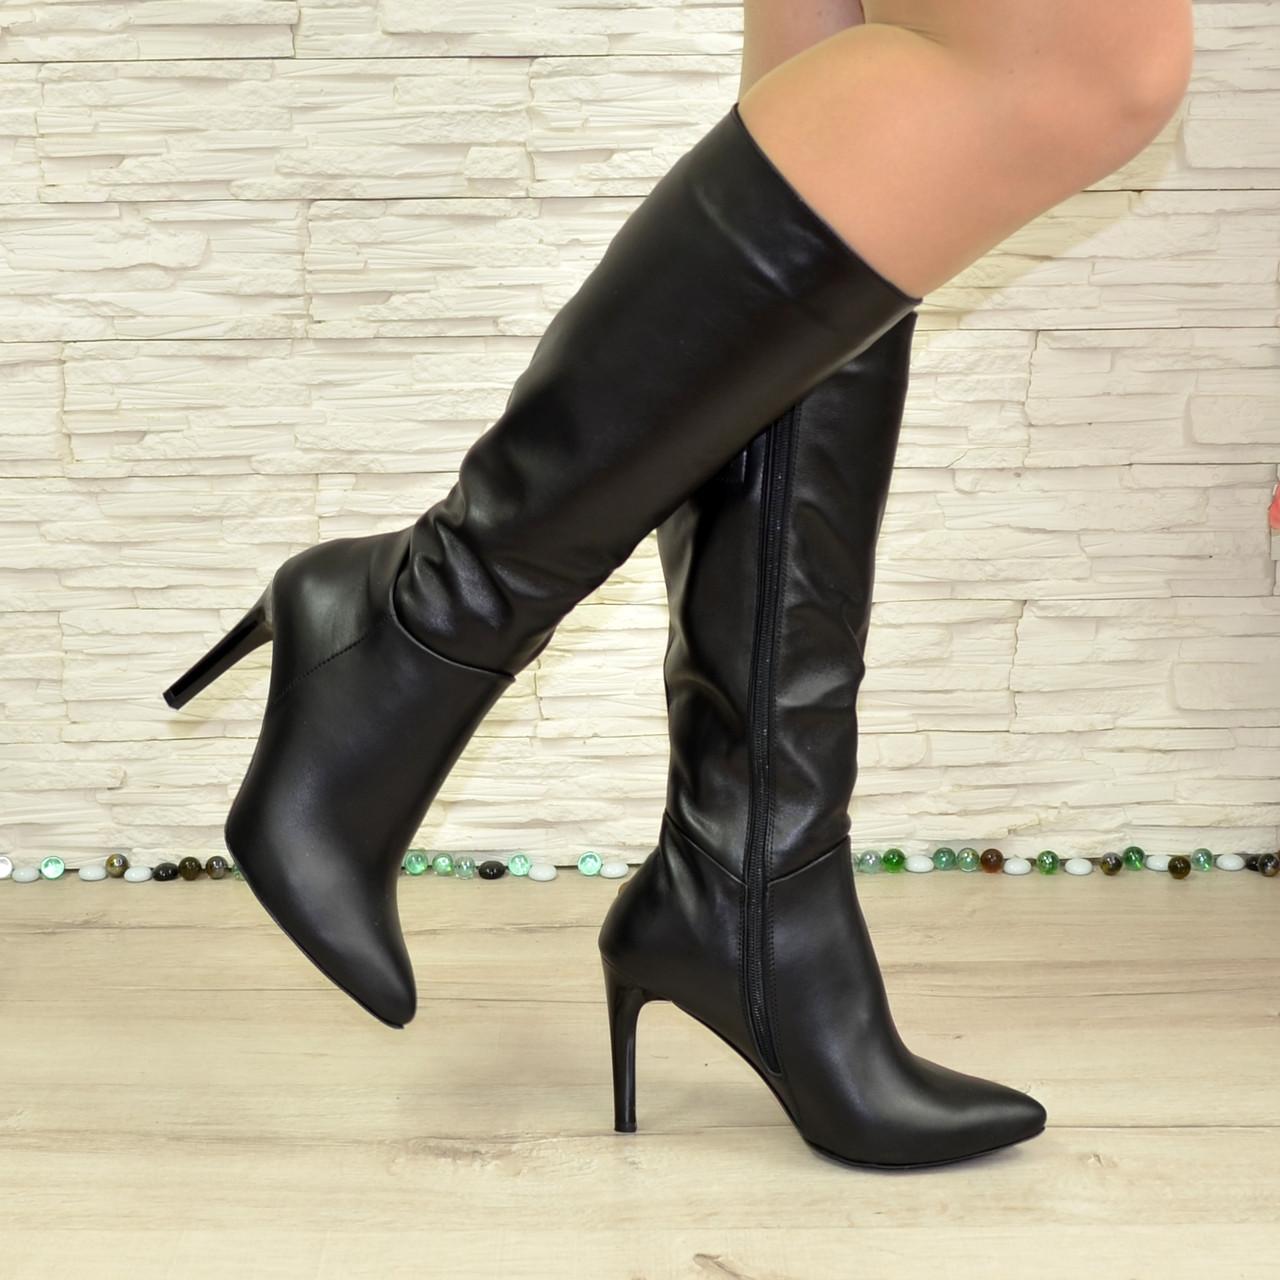 Жіночі чоботи з натуральної шкіри чорного кольору на шпильці